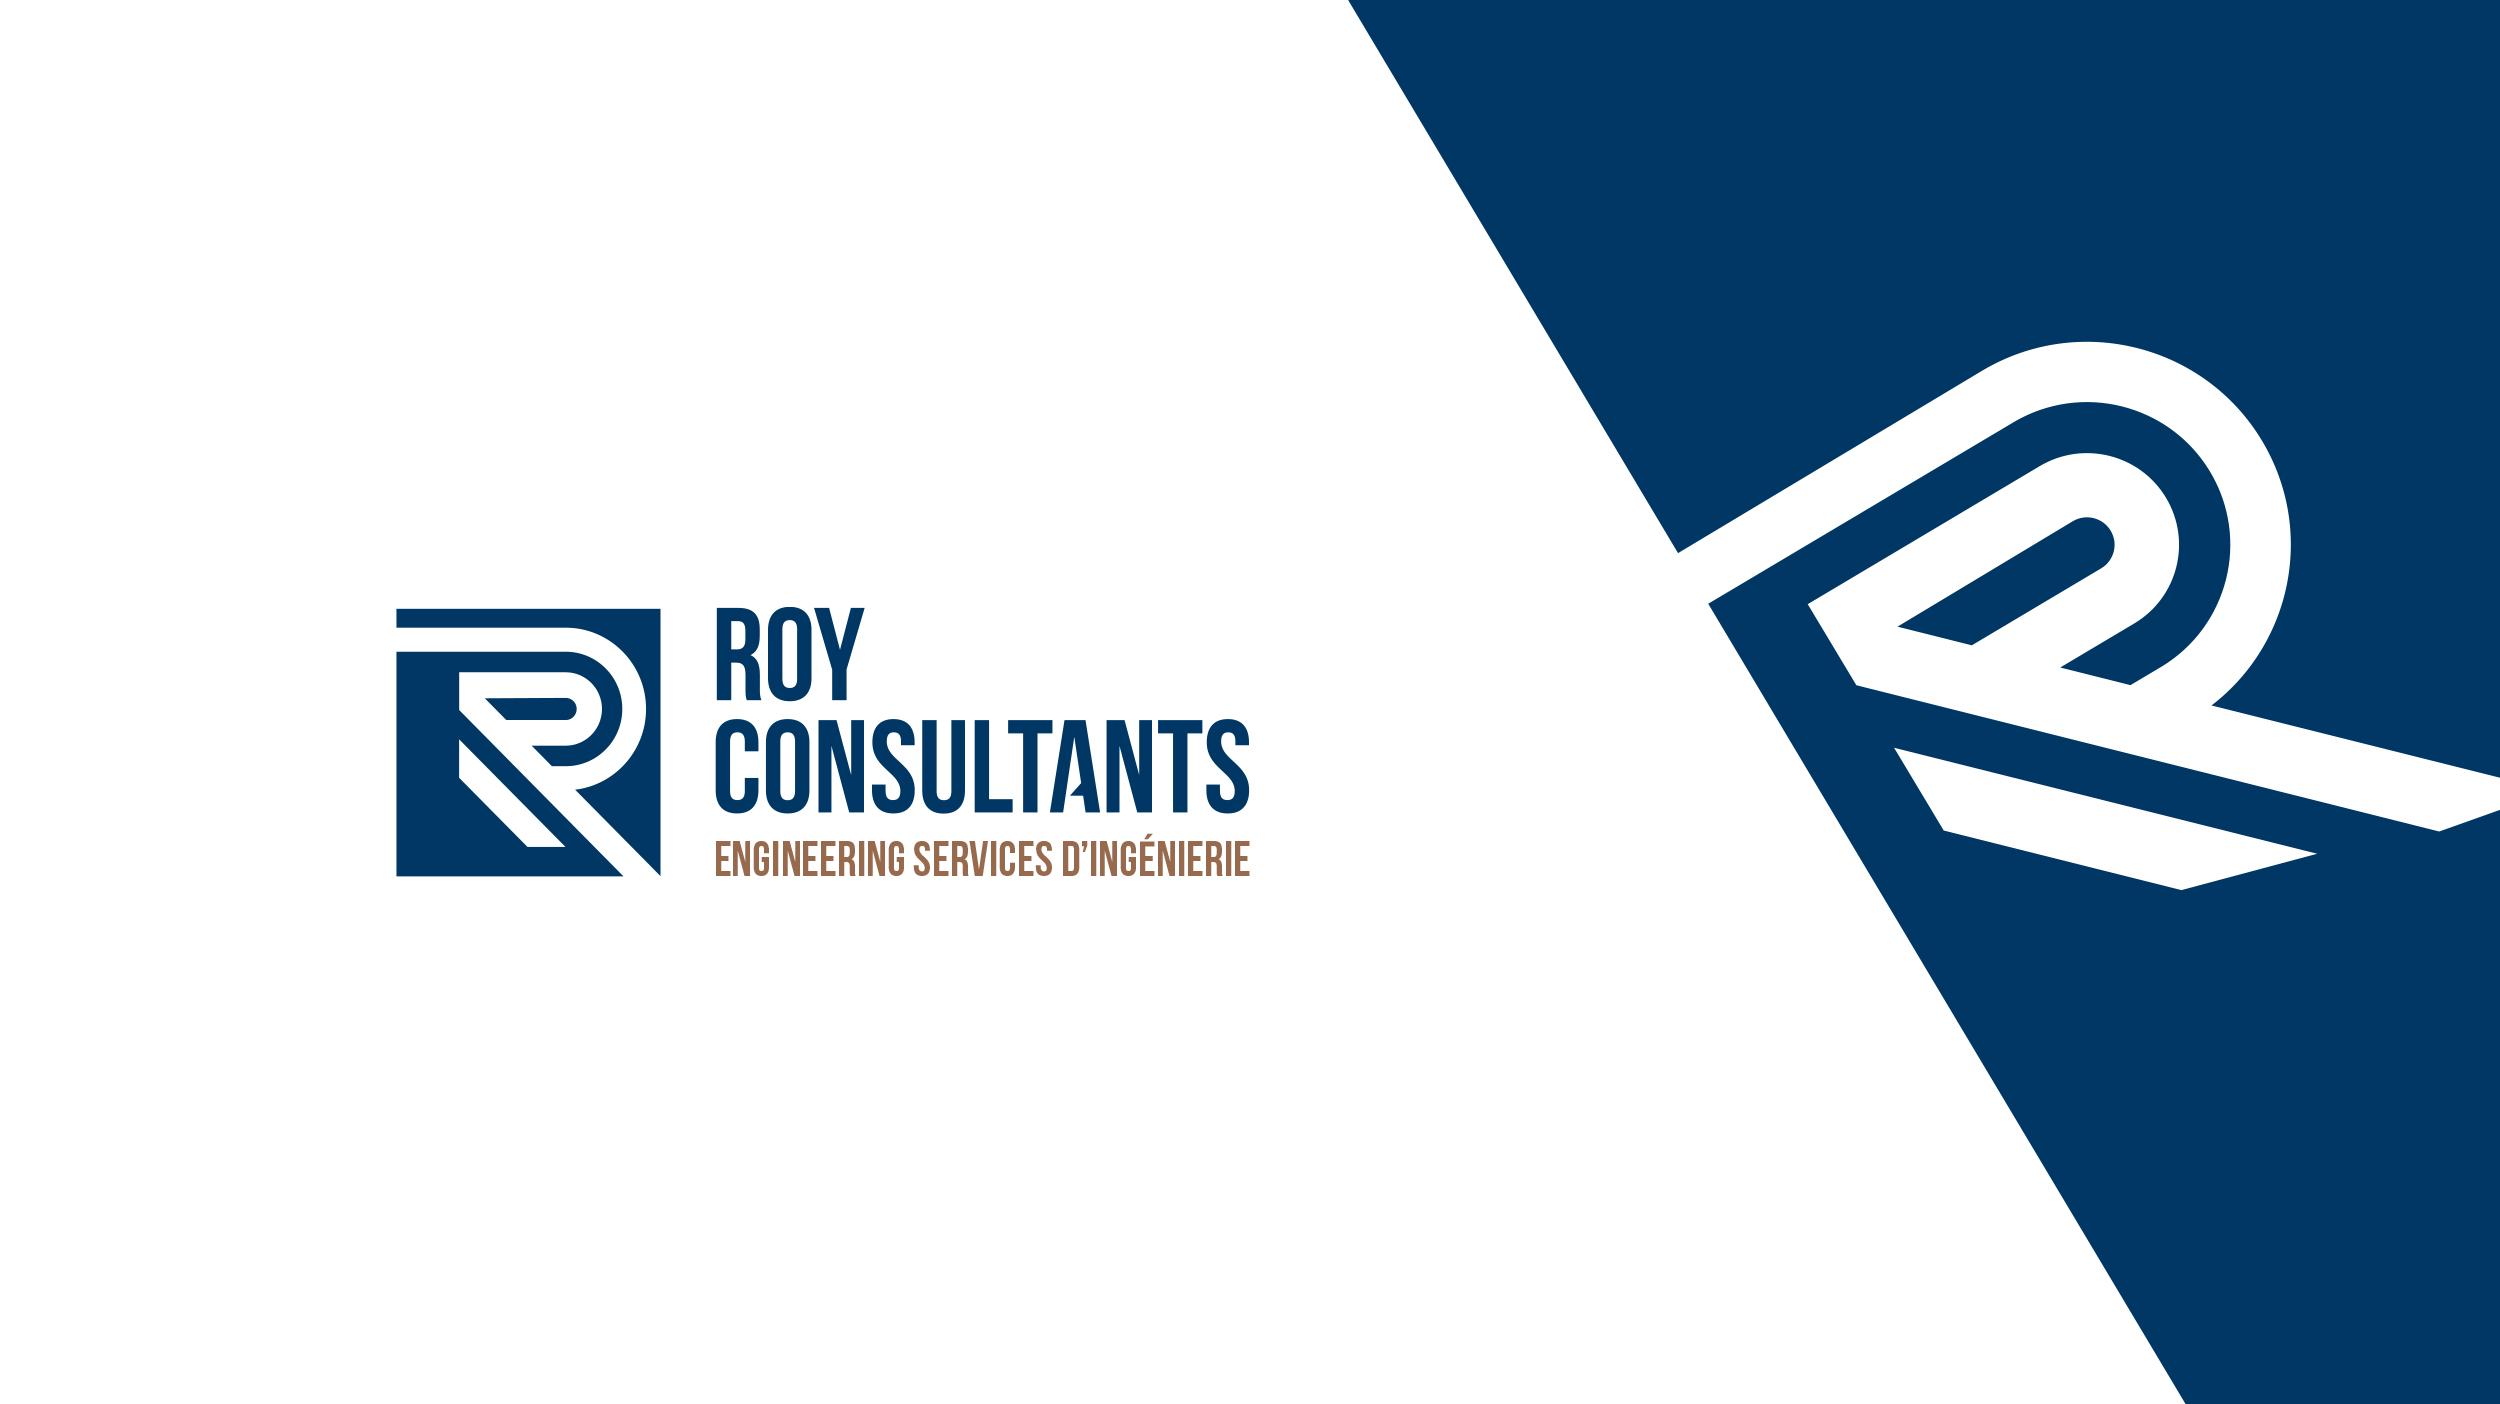 Roy Consultants